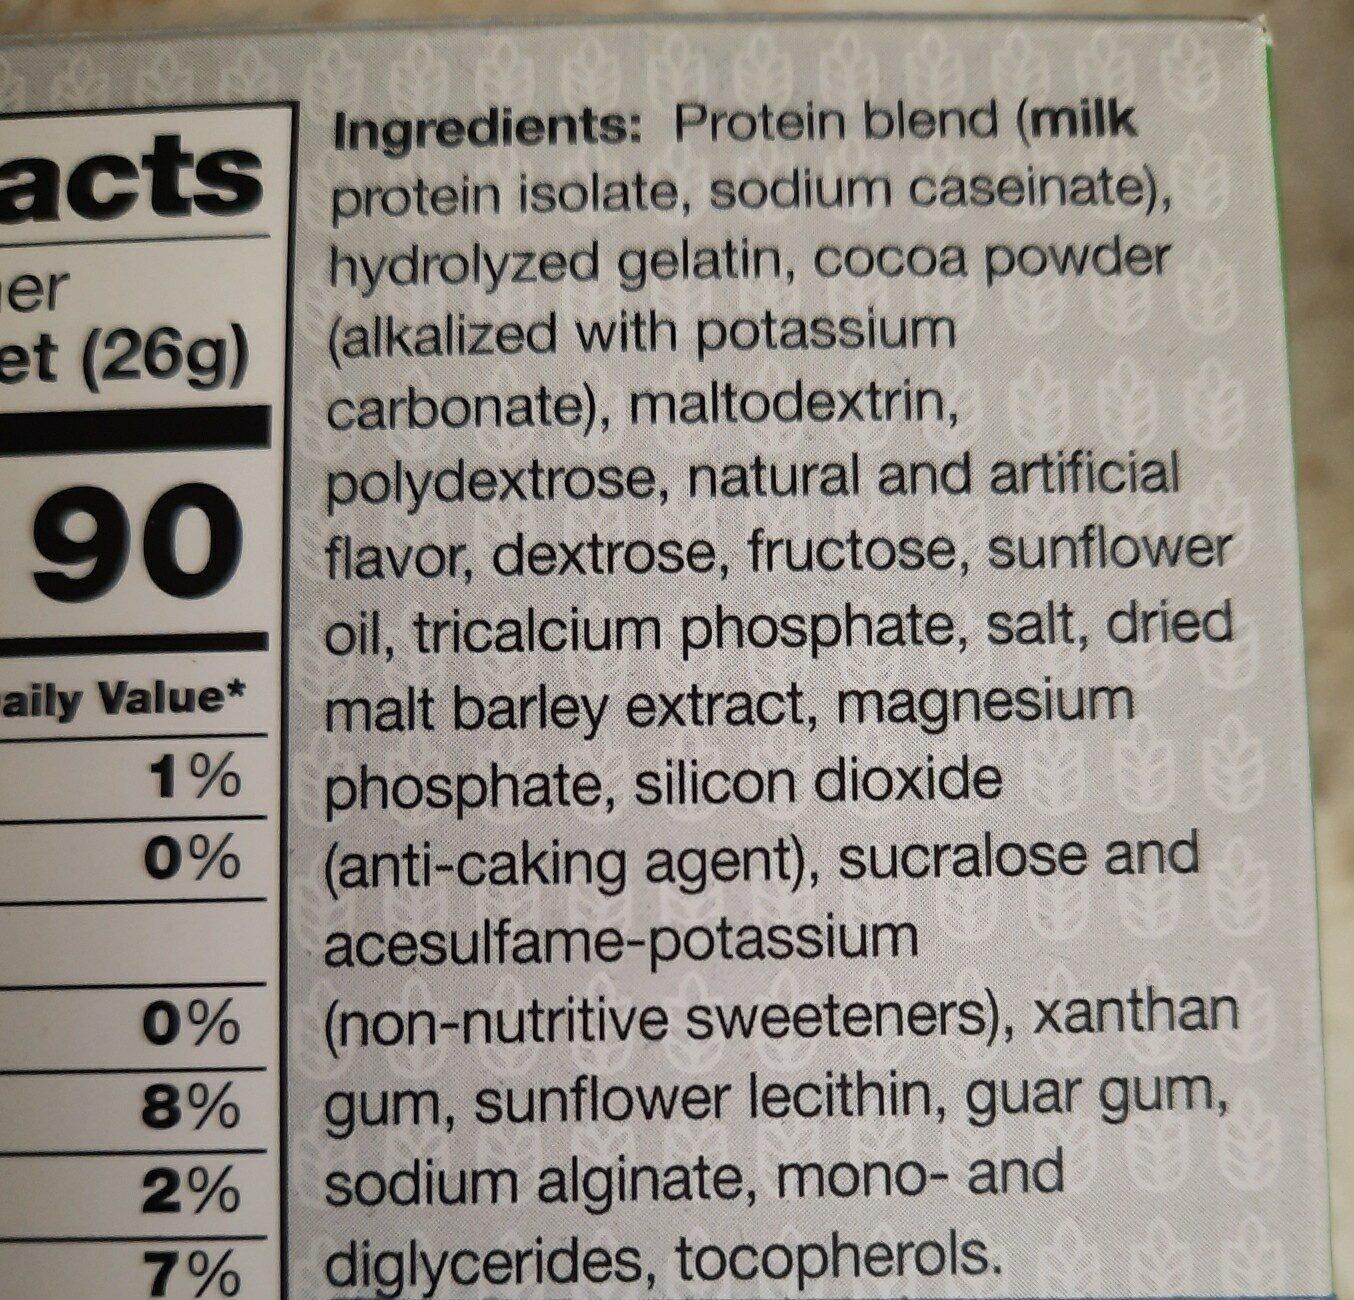 MRC HOT COCOA - Ingredients - en